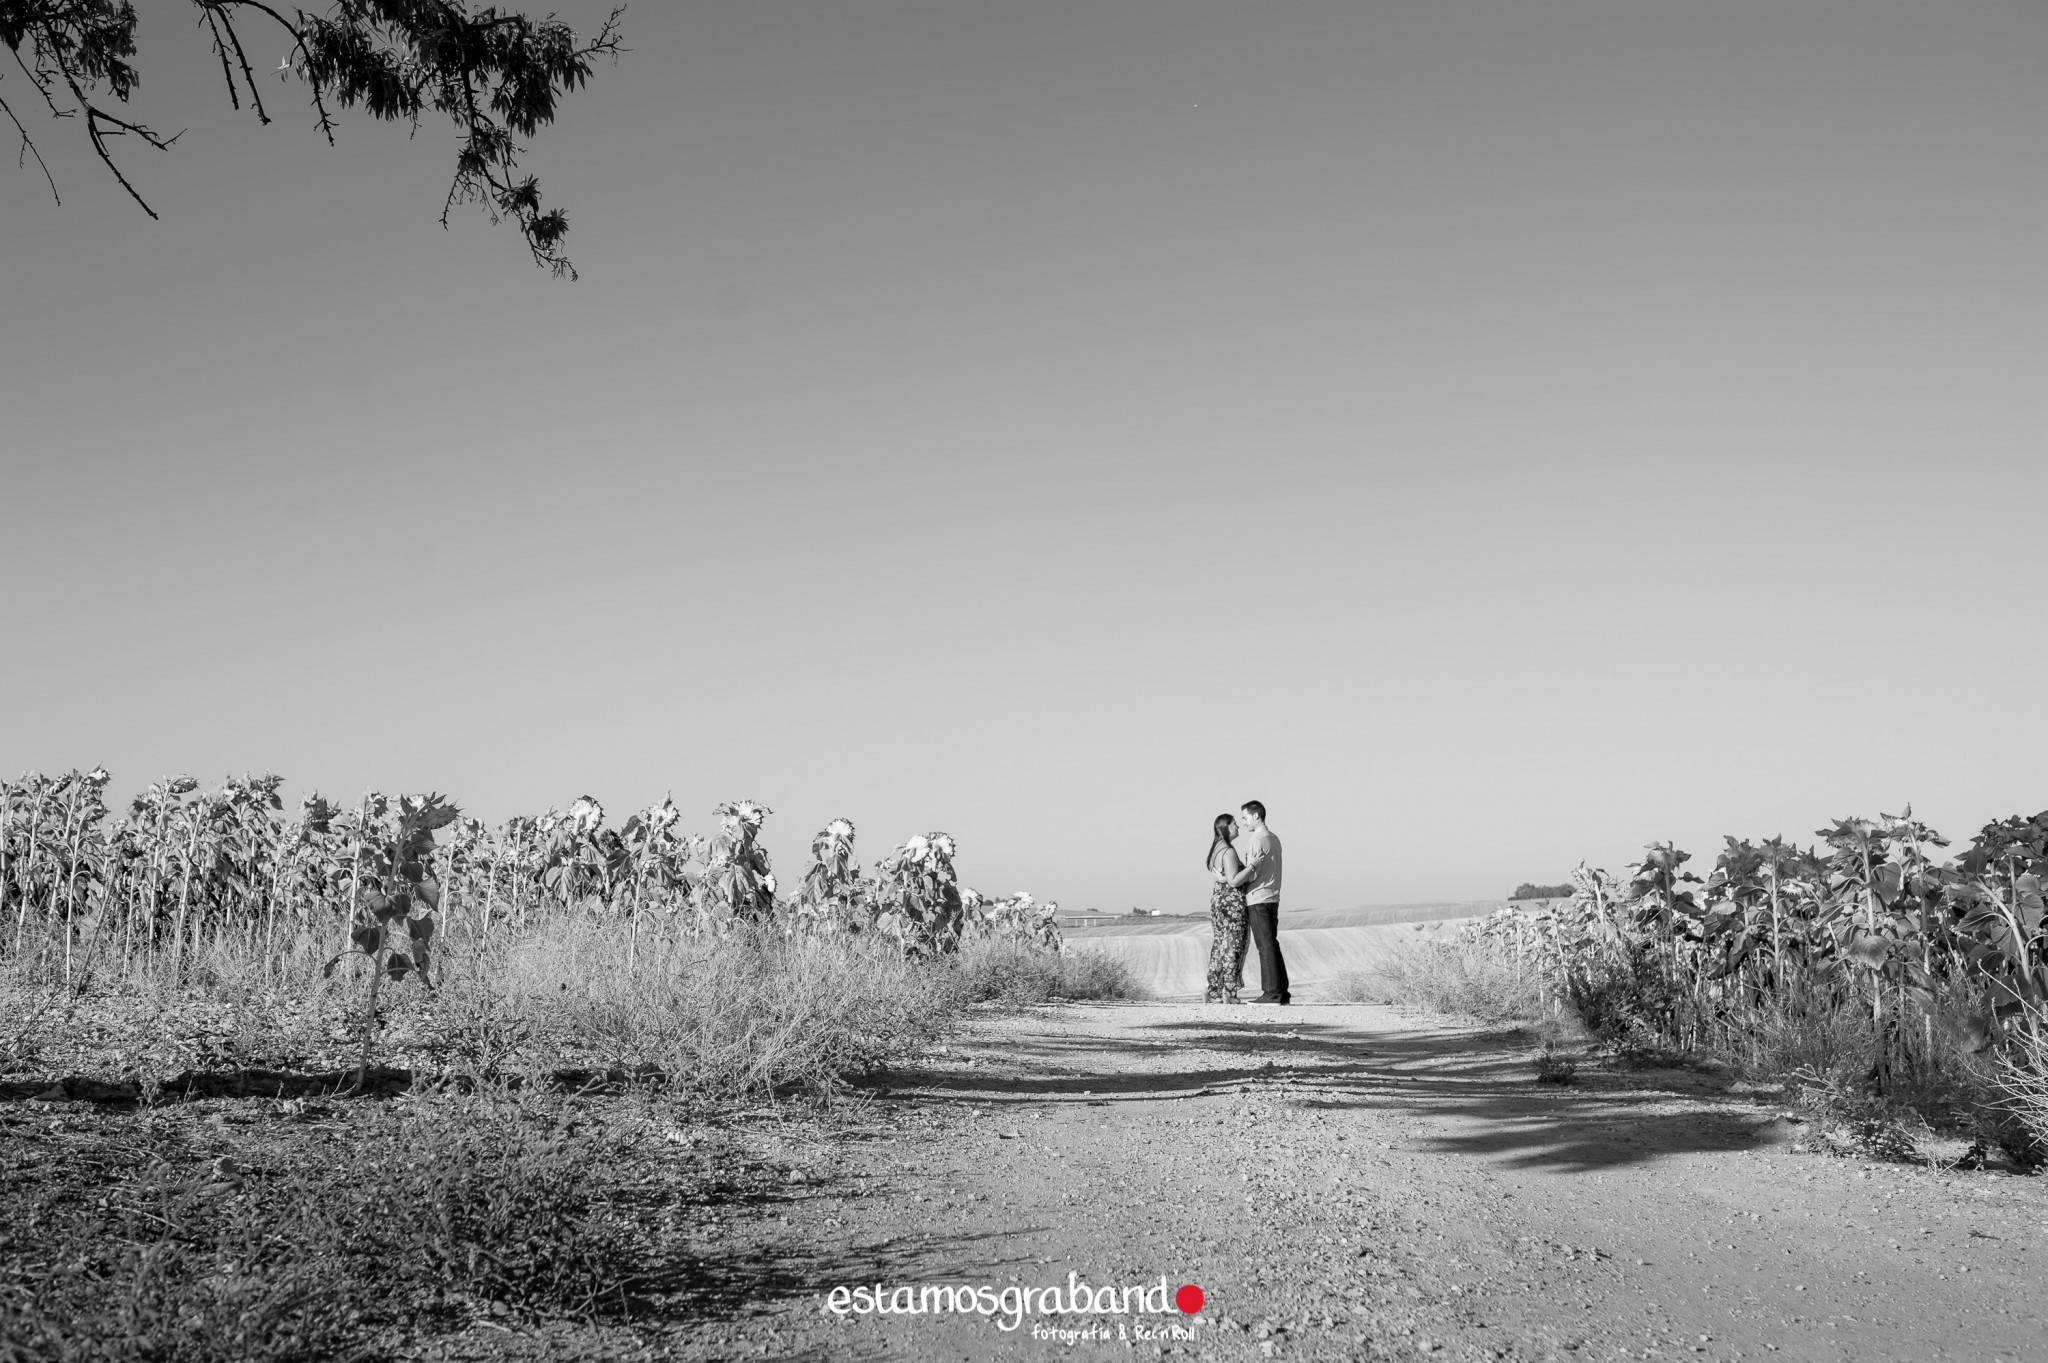 preboda-may-y-sergio-preboda-sesion-rec-and-rollera-fotos-de-pareja-e-session-fotos-boda-jerez-fotos-boda-jerez_-21 10 días [Preboda May & Sergio] - video boda cadiz